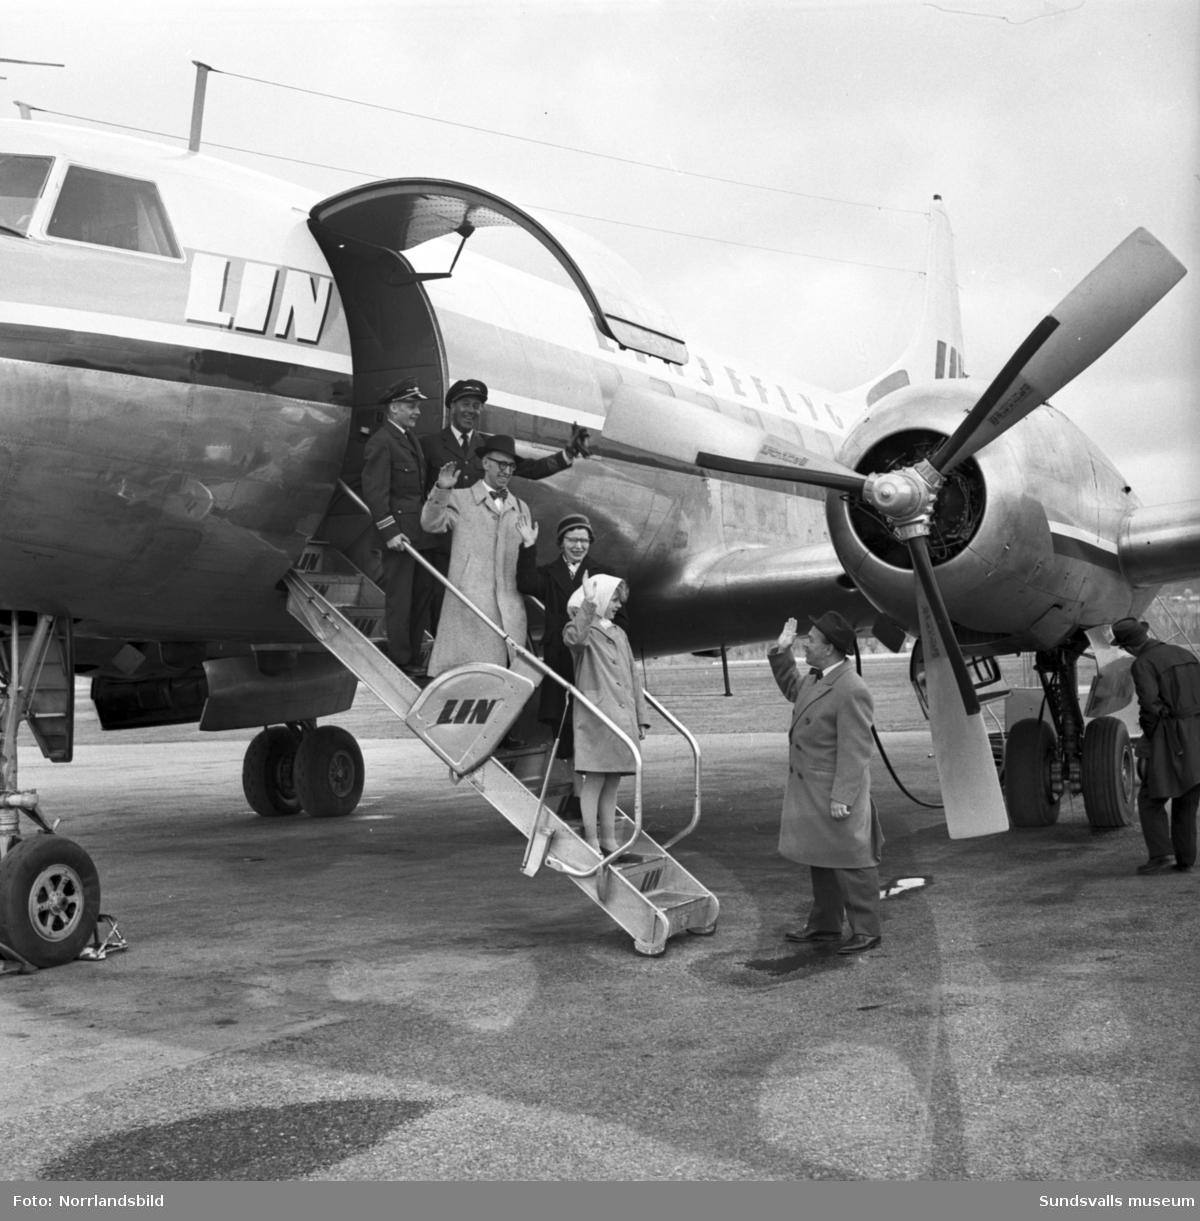 Bildserie som dokumenterar ett sällskap som gör en flygresa från Midlanda till Östersund.